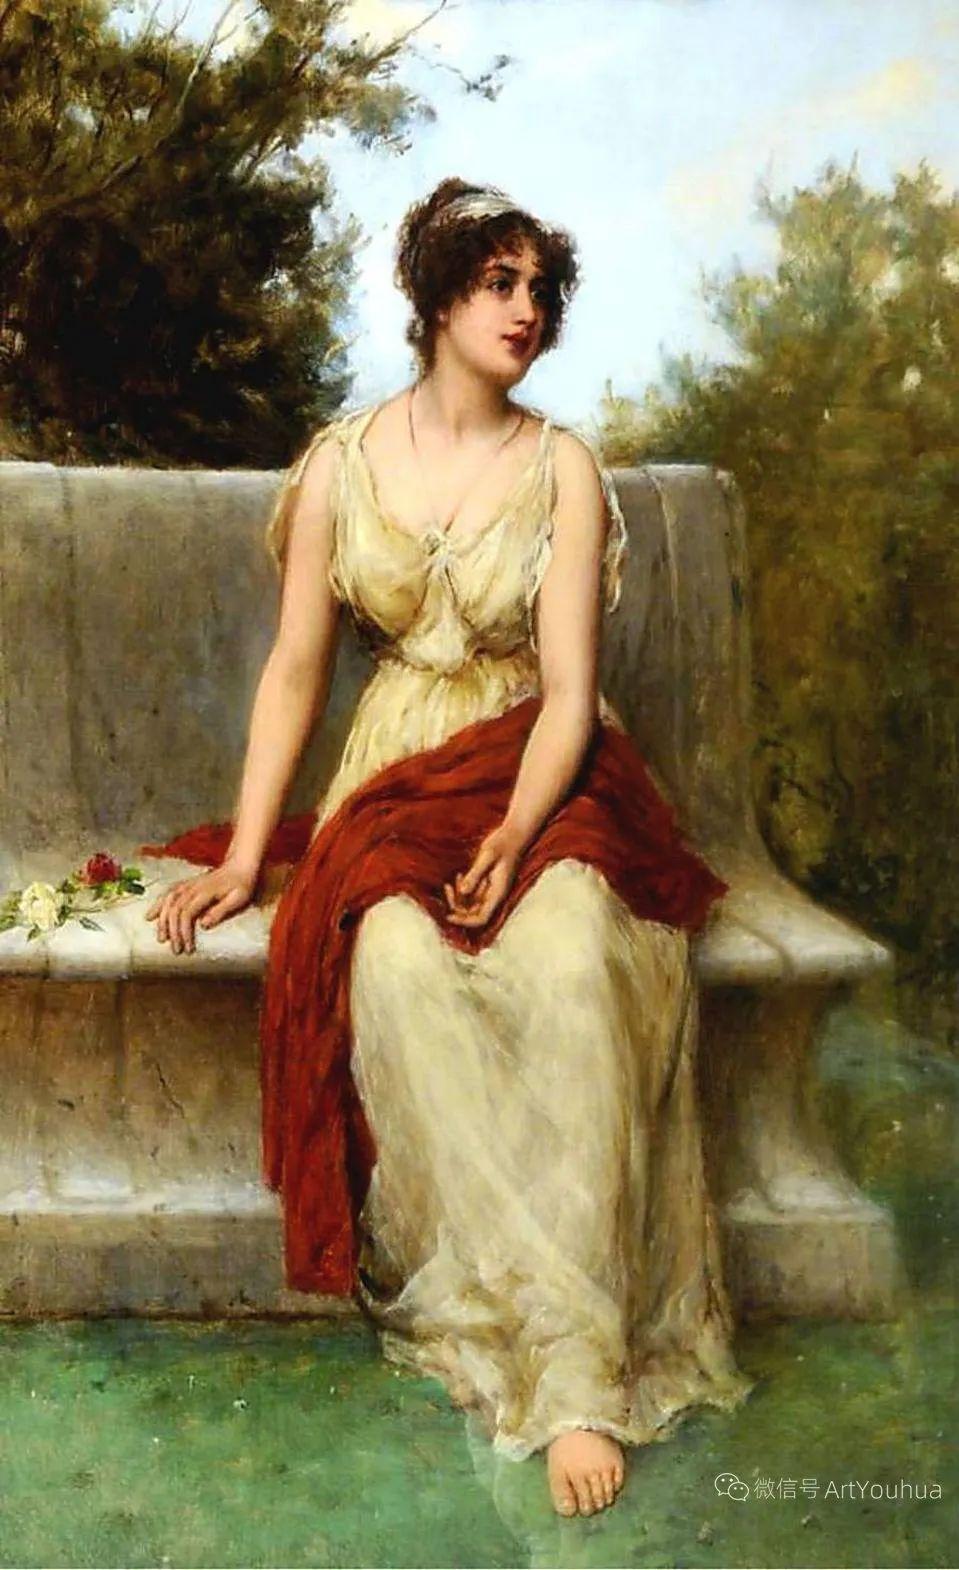 纯情与美丽,英国画家威廉·奥利弗作品选插图19